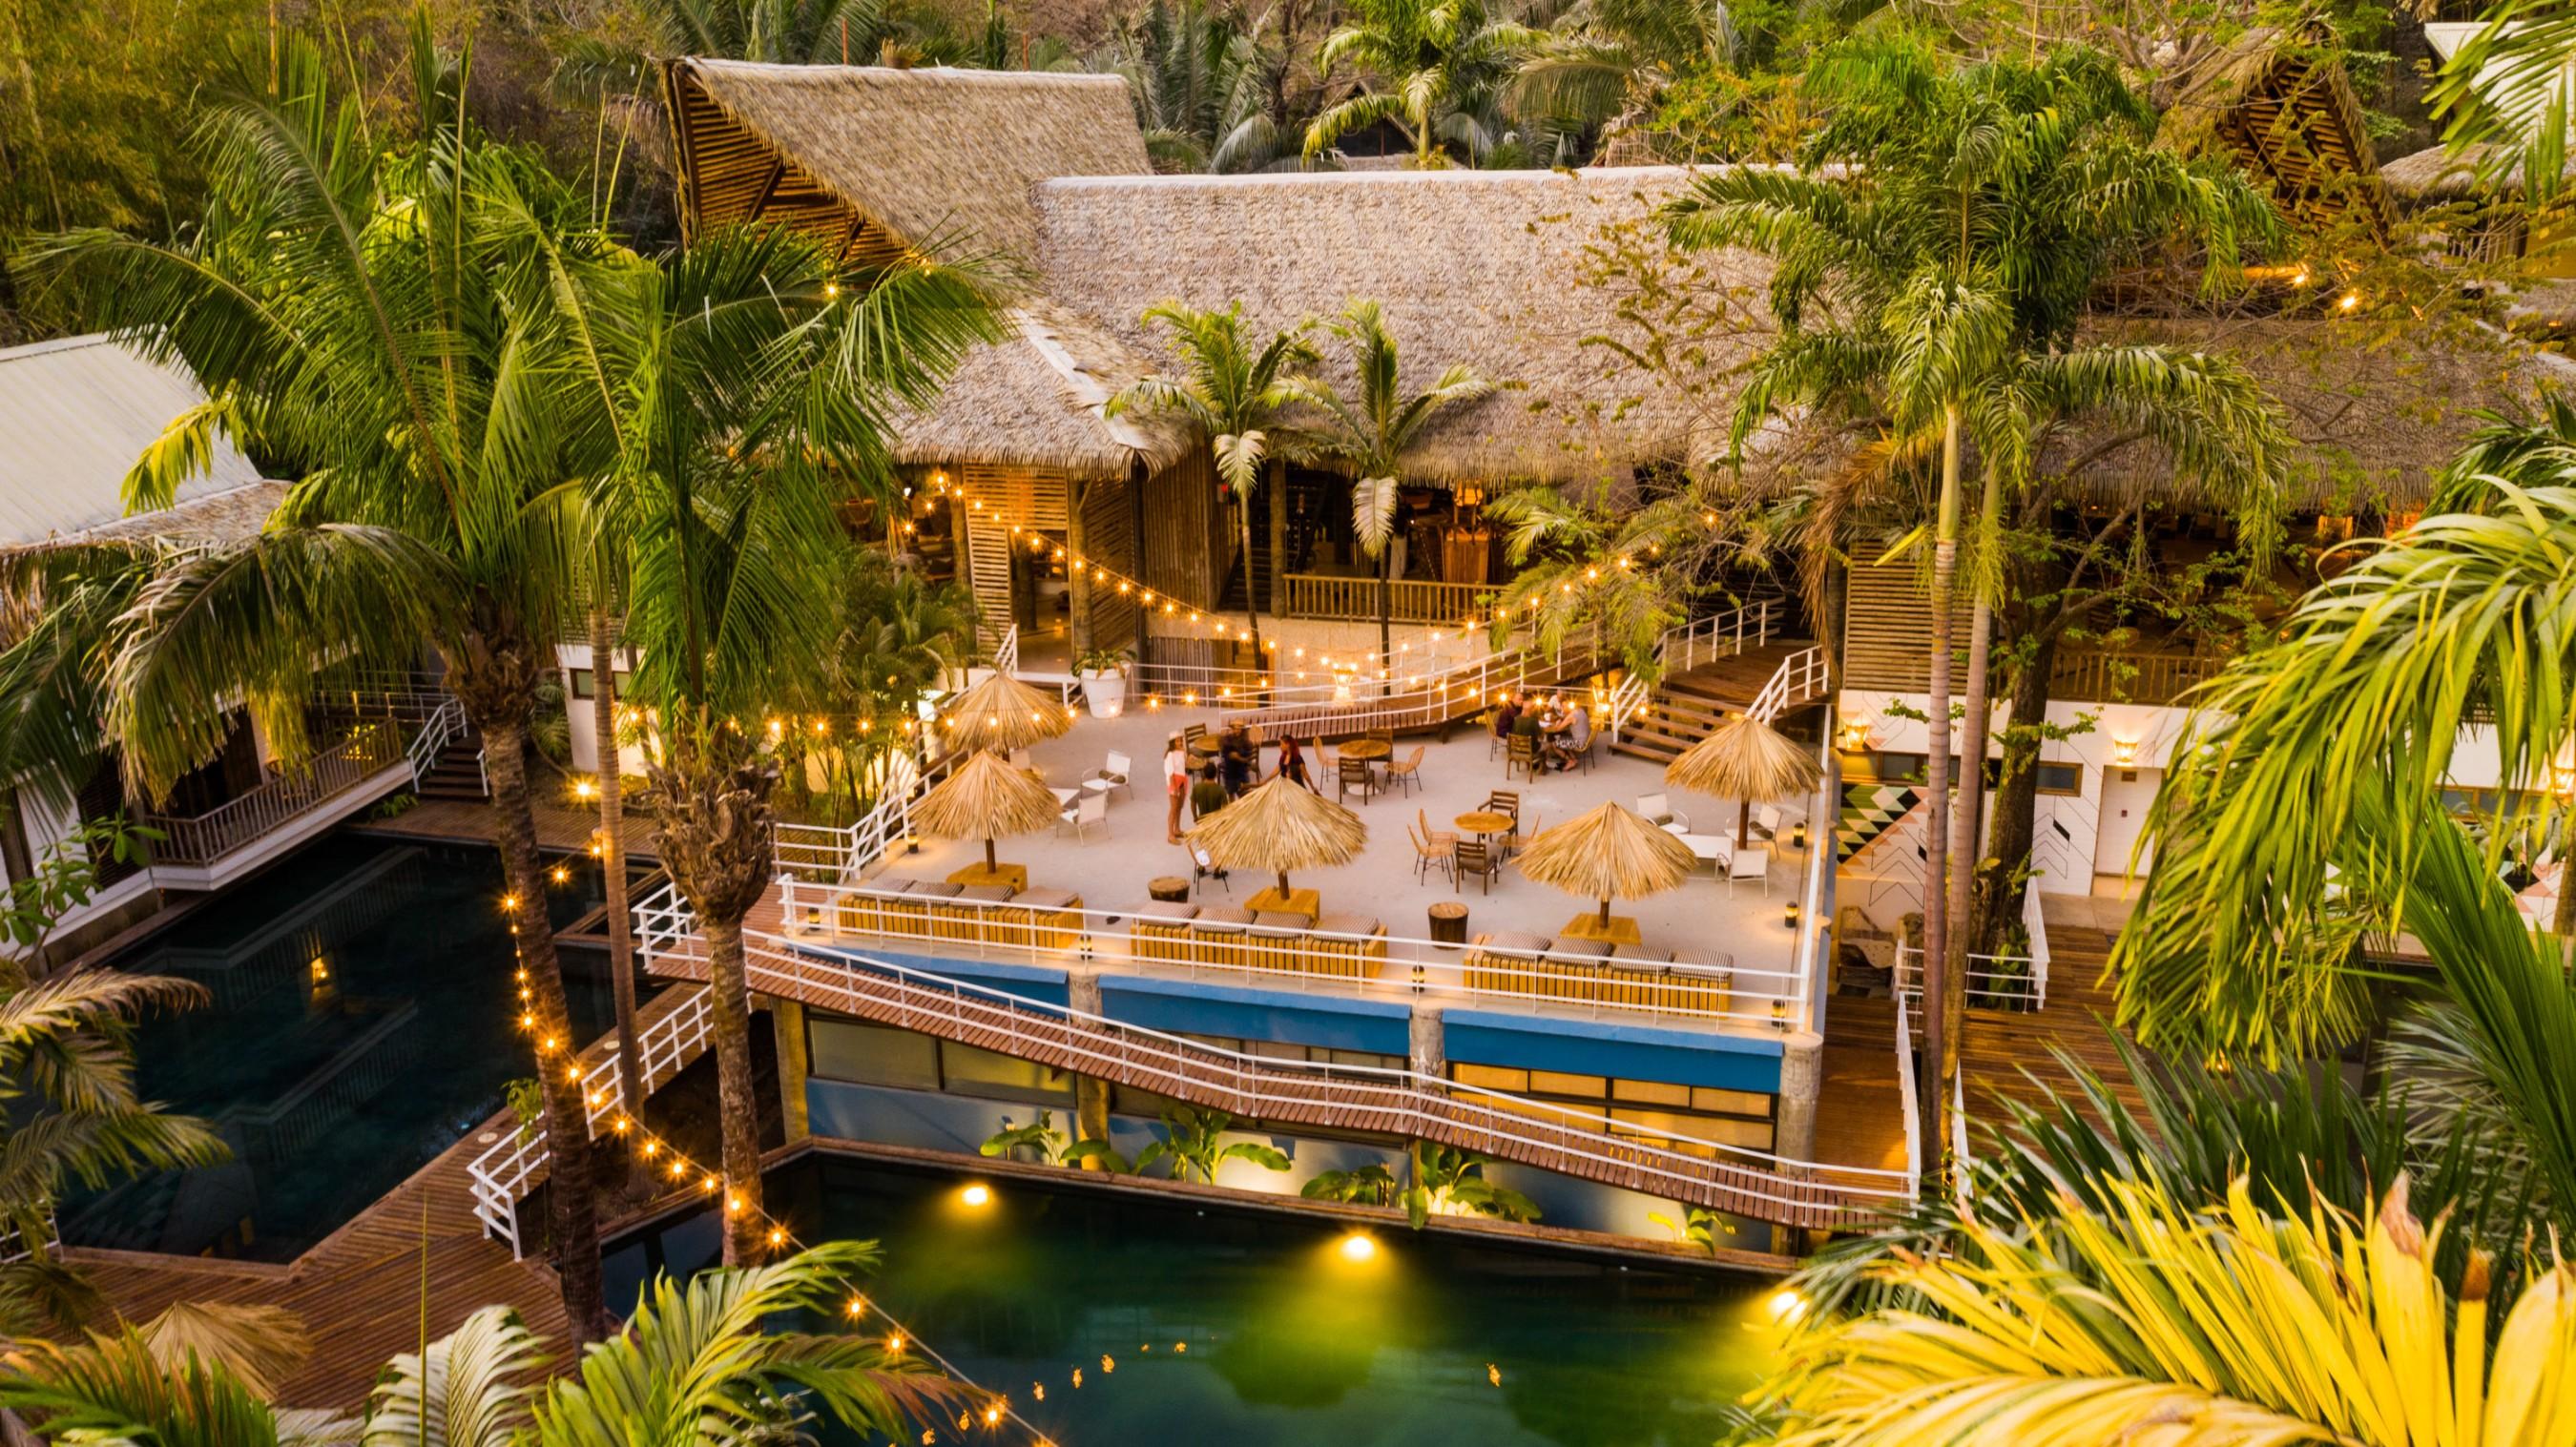 Surfcamp SELINA SURF CLUB NOSARA in Nosara, Guanacaste, Costa Rica